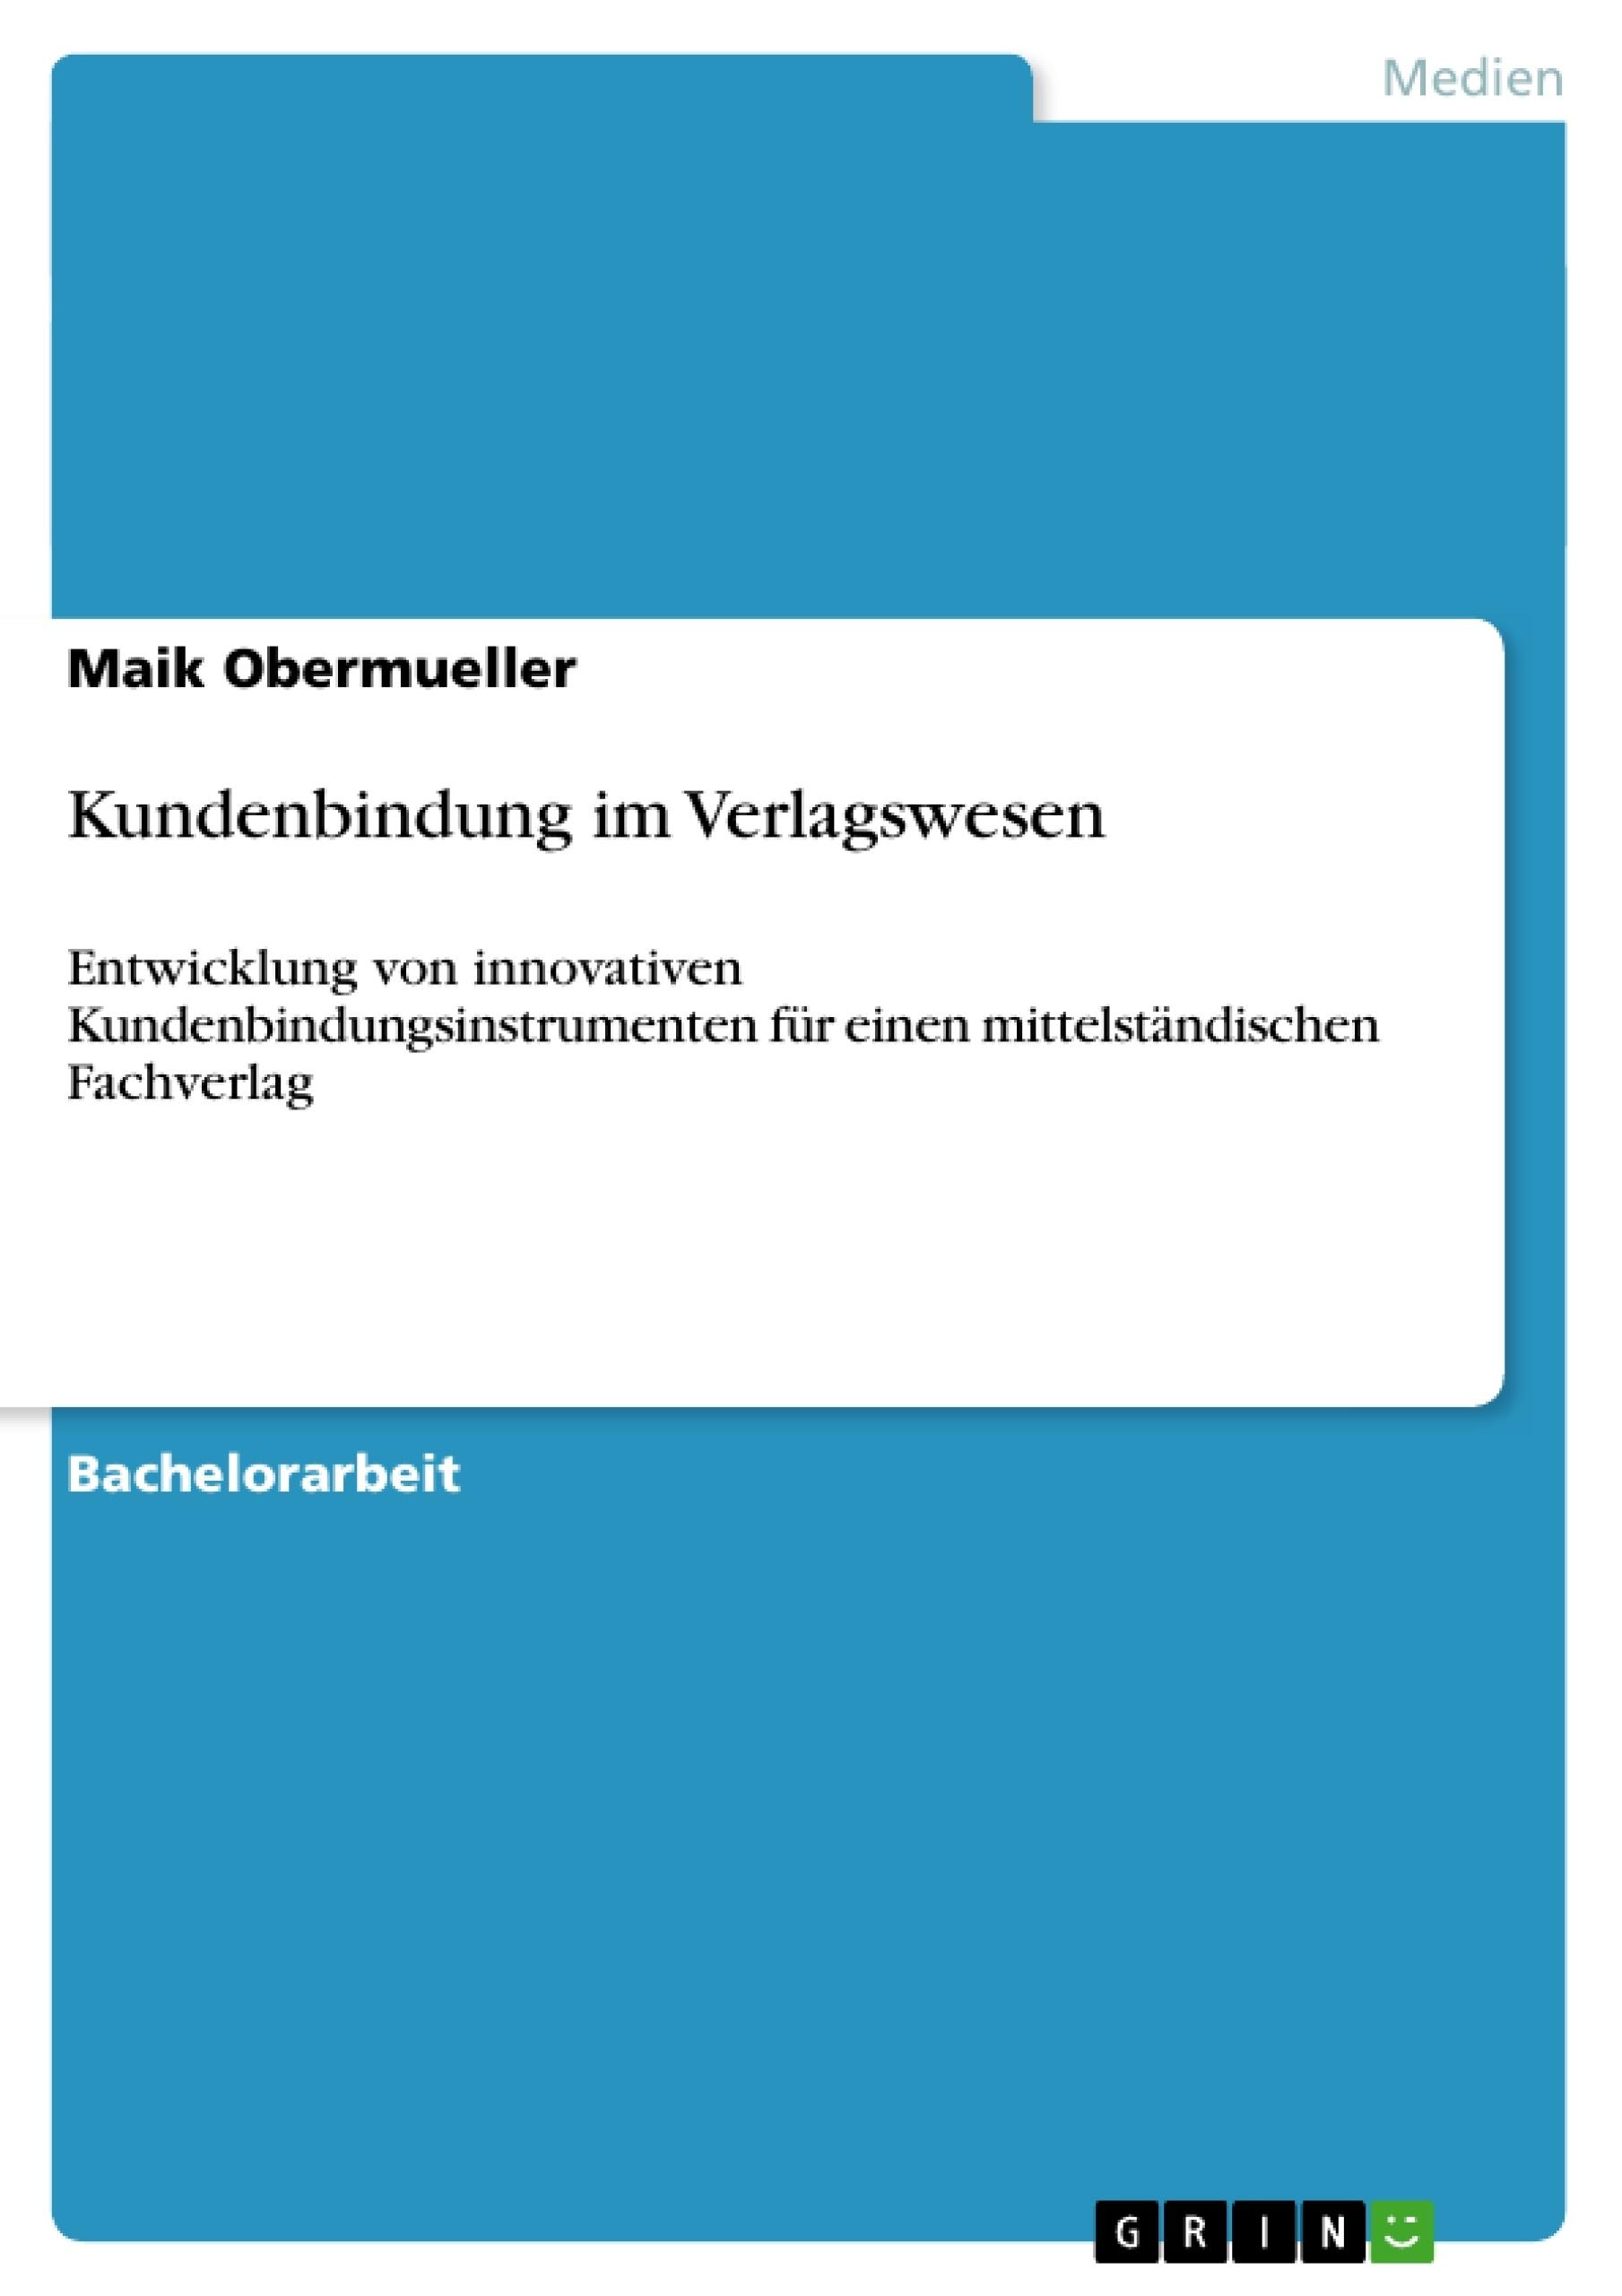 Titel: Kundenbindung im Verlagswesen